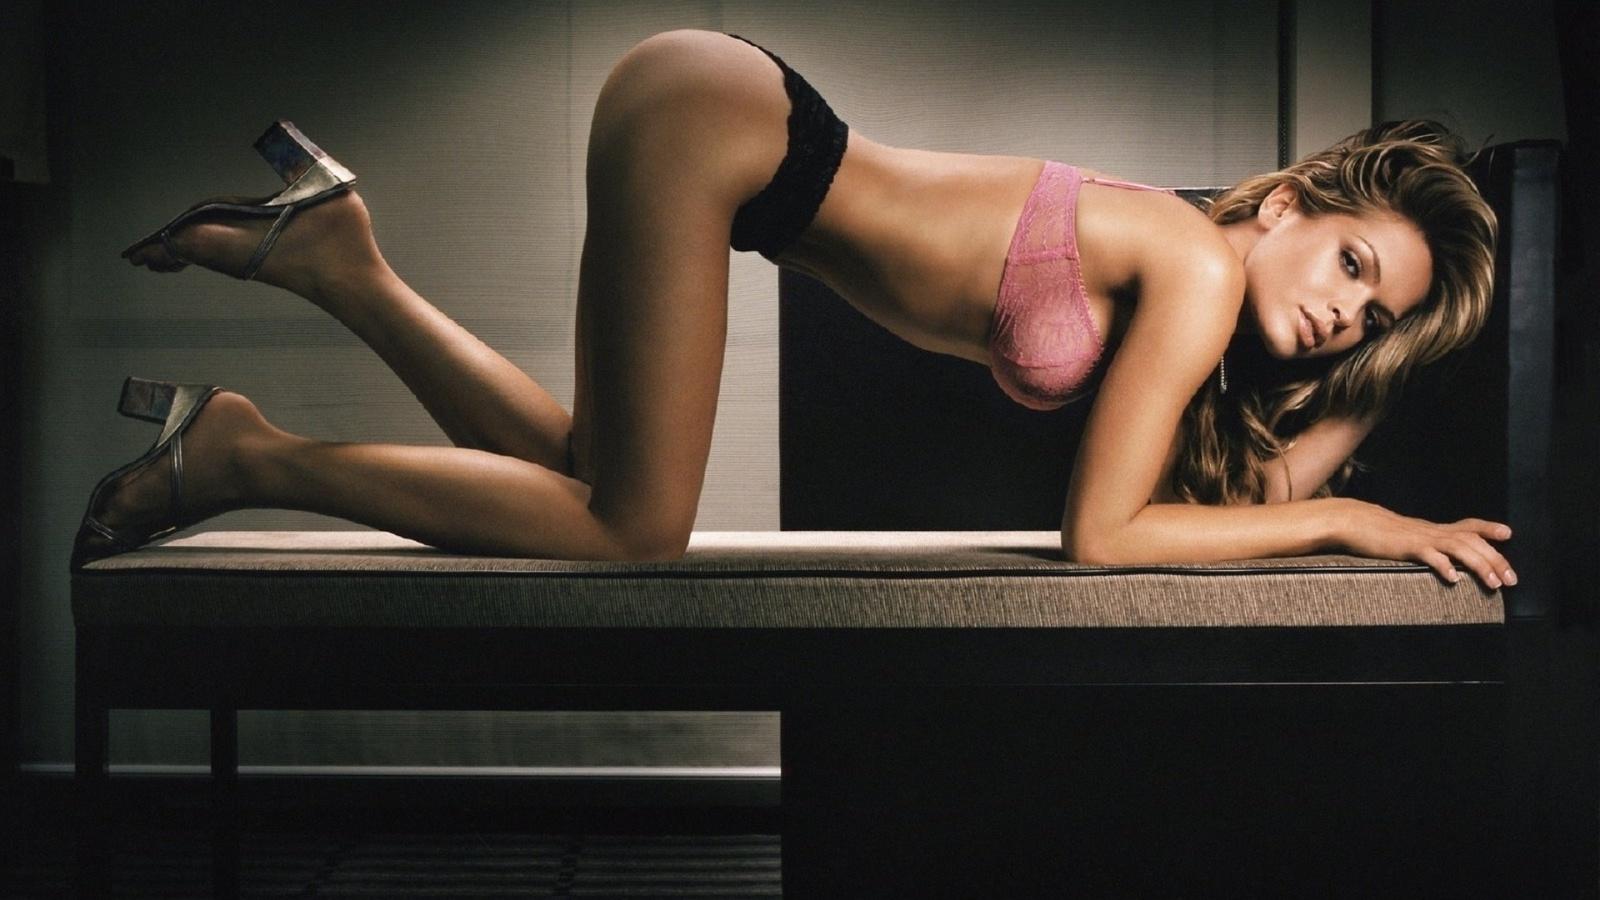 девушка, модель, нижнее белье